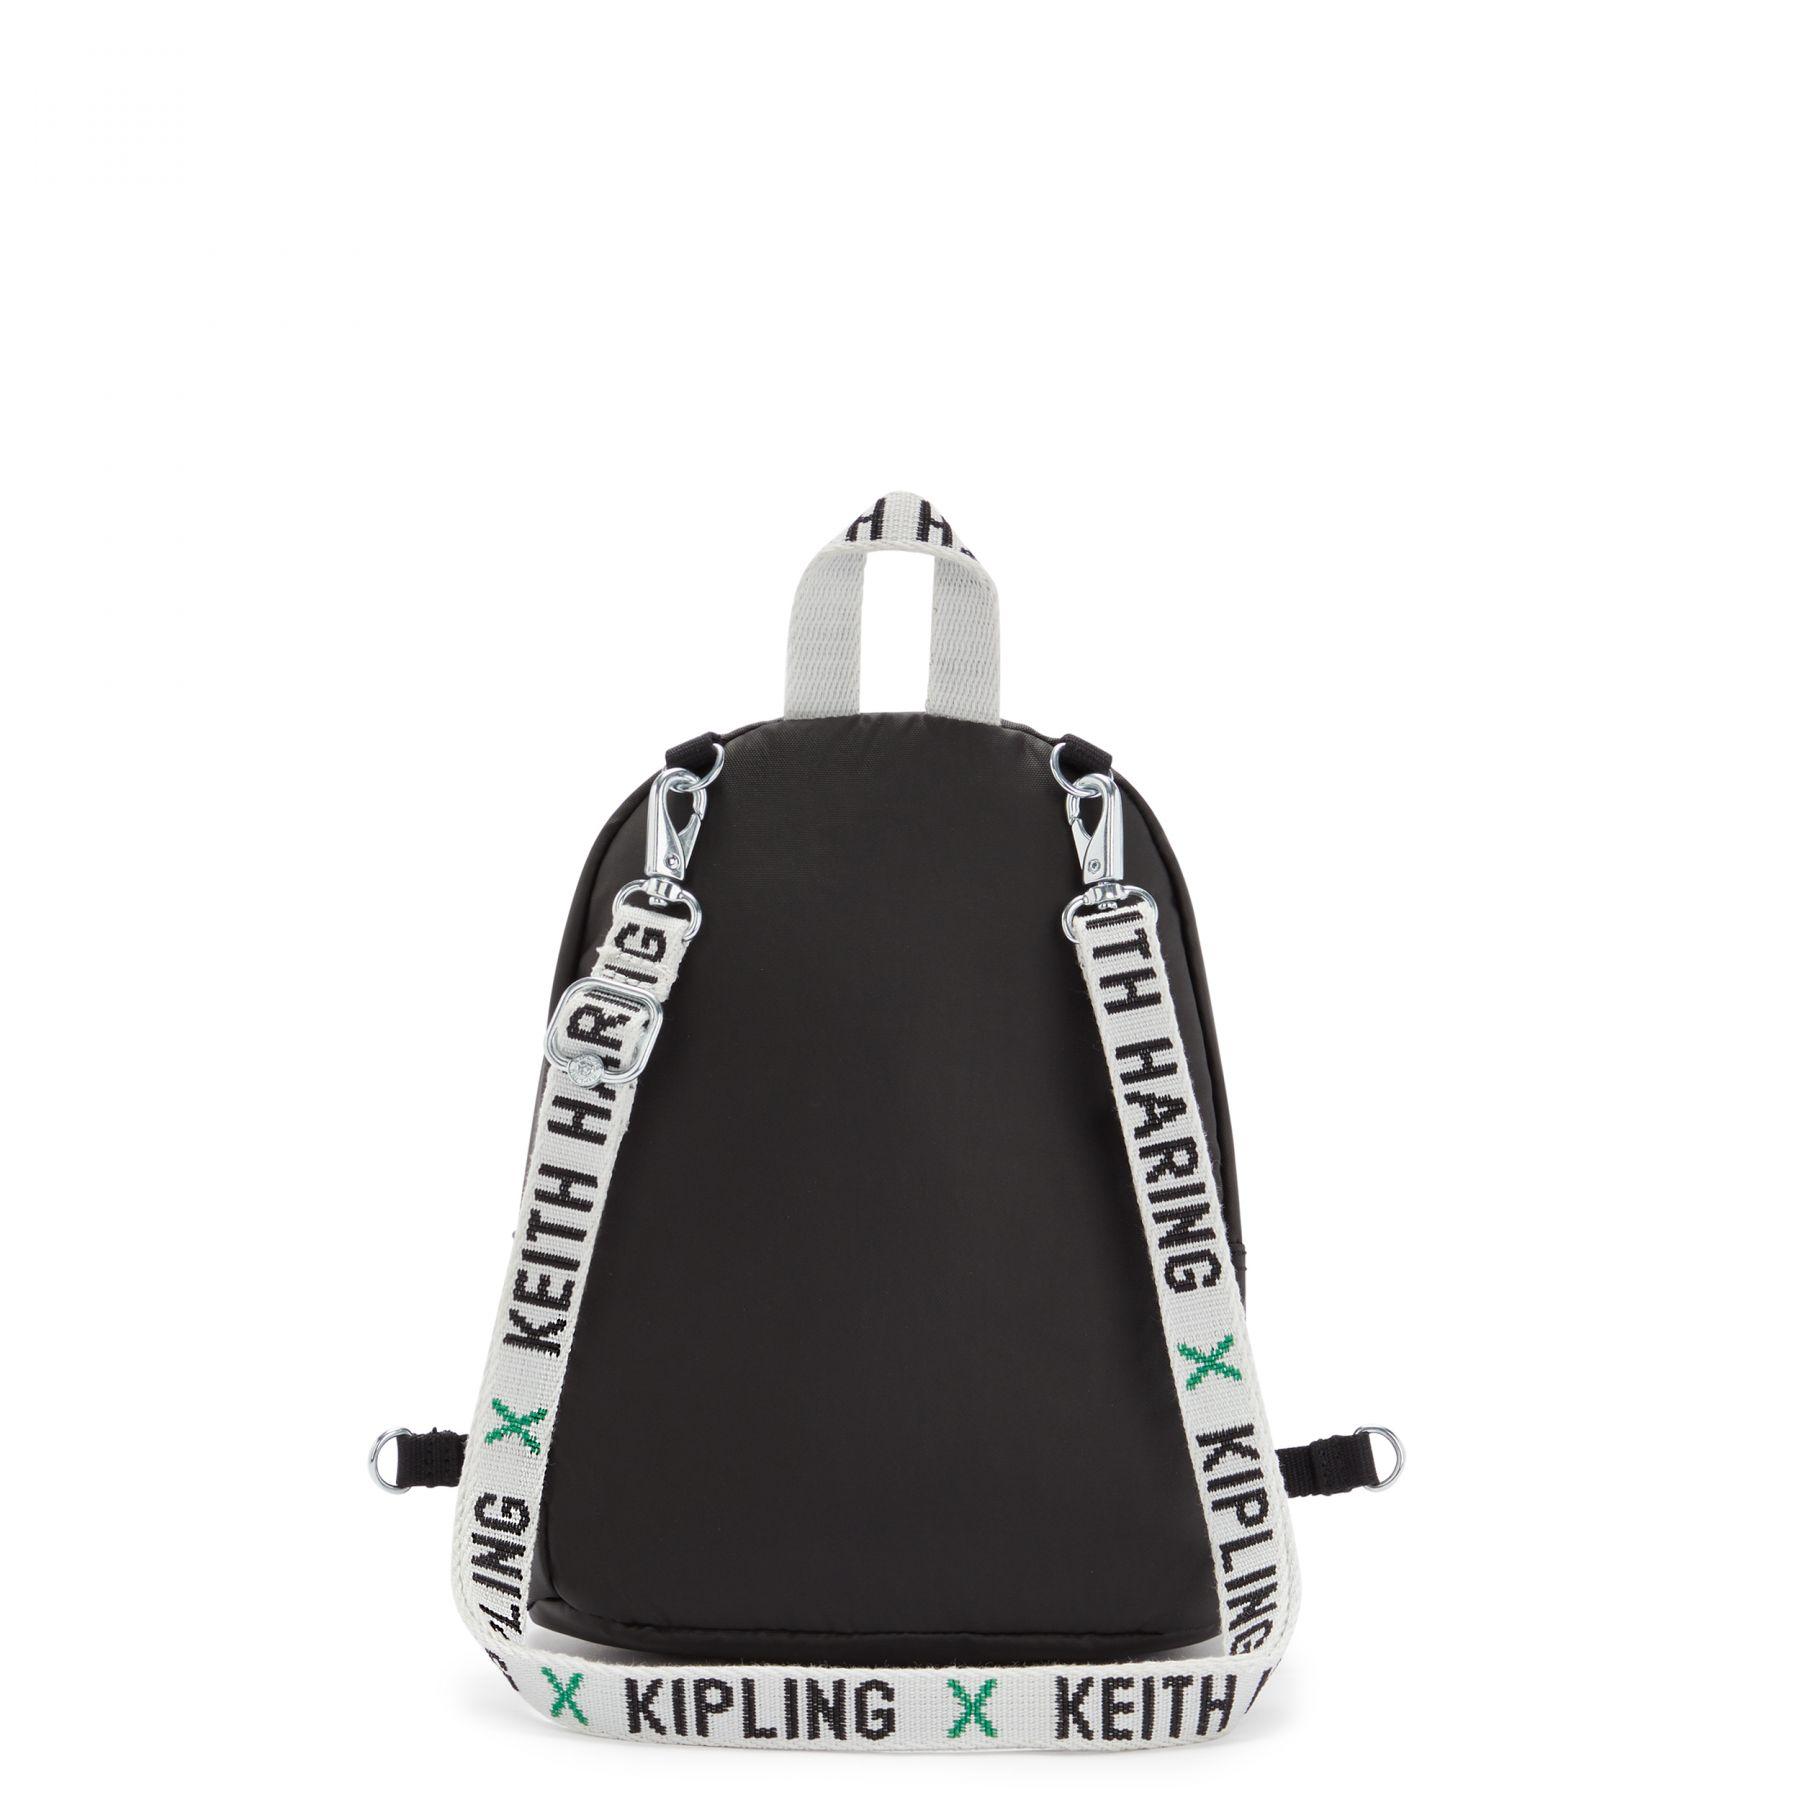 DELIA COMPACT BACKPACKS by Kipling